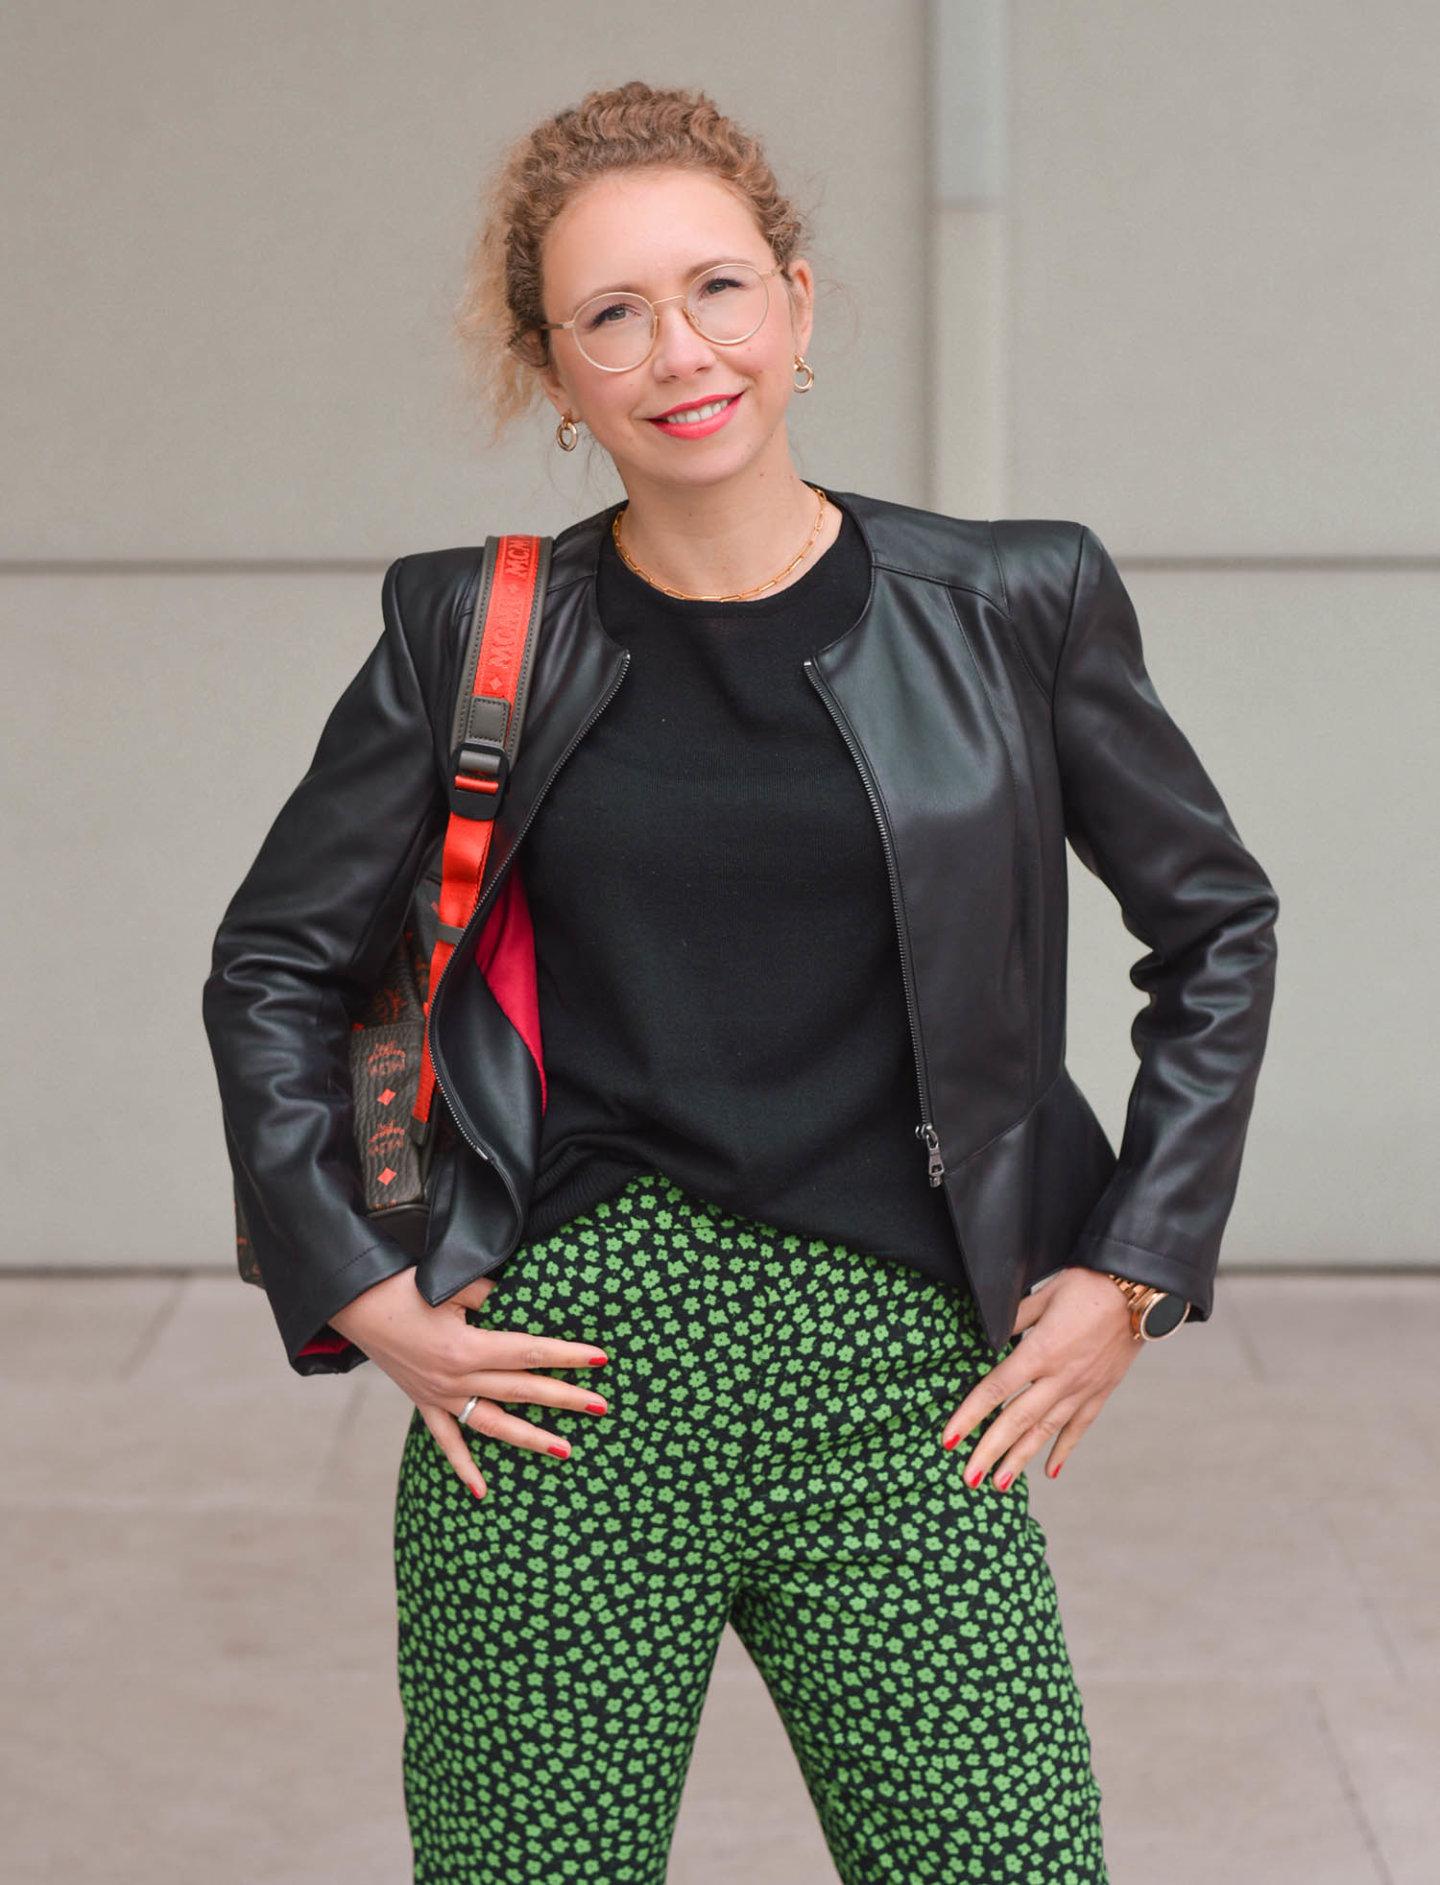 modeblogger porträtfoto